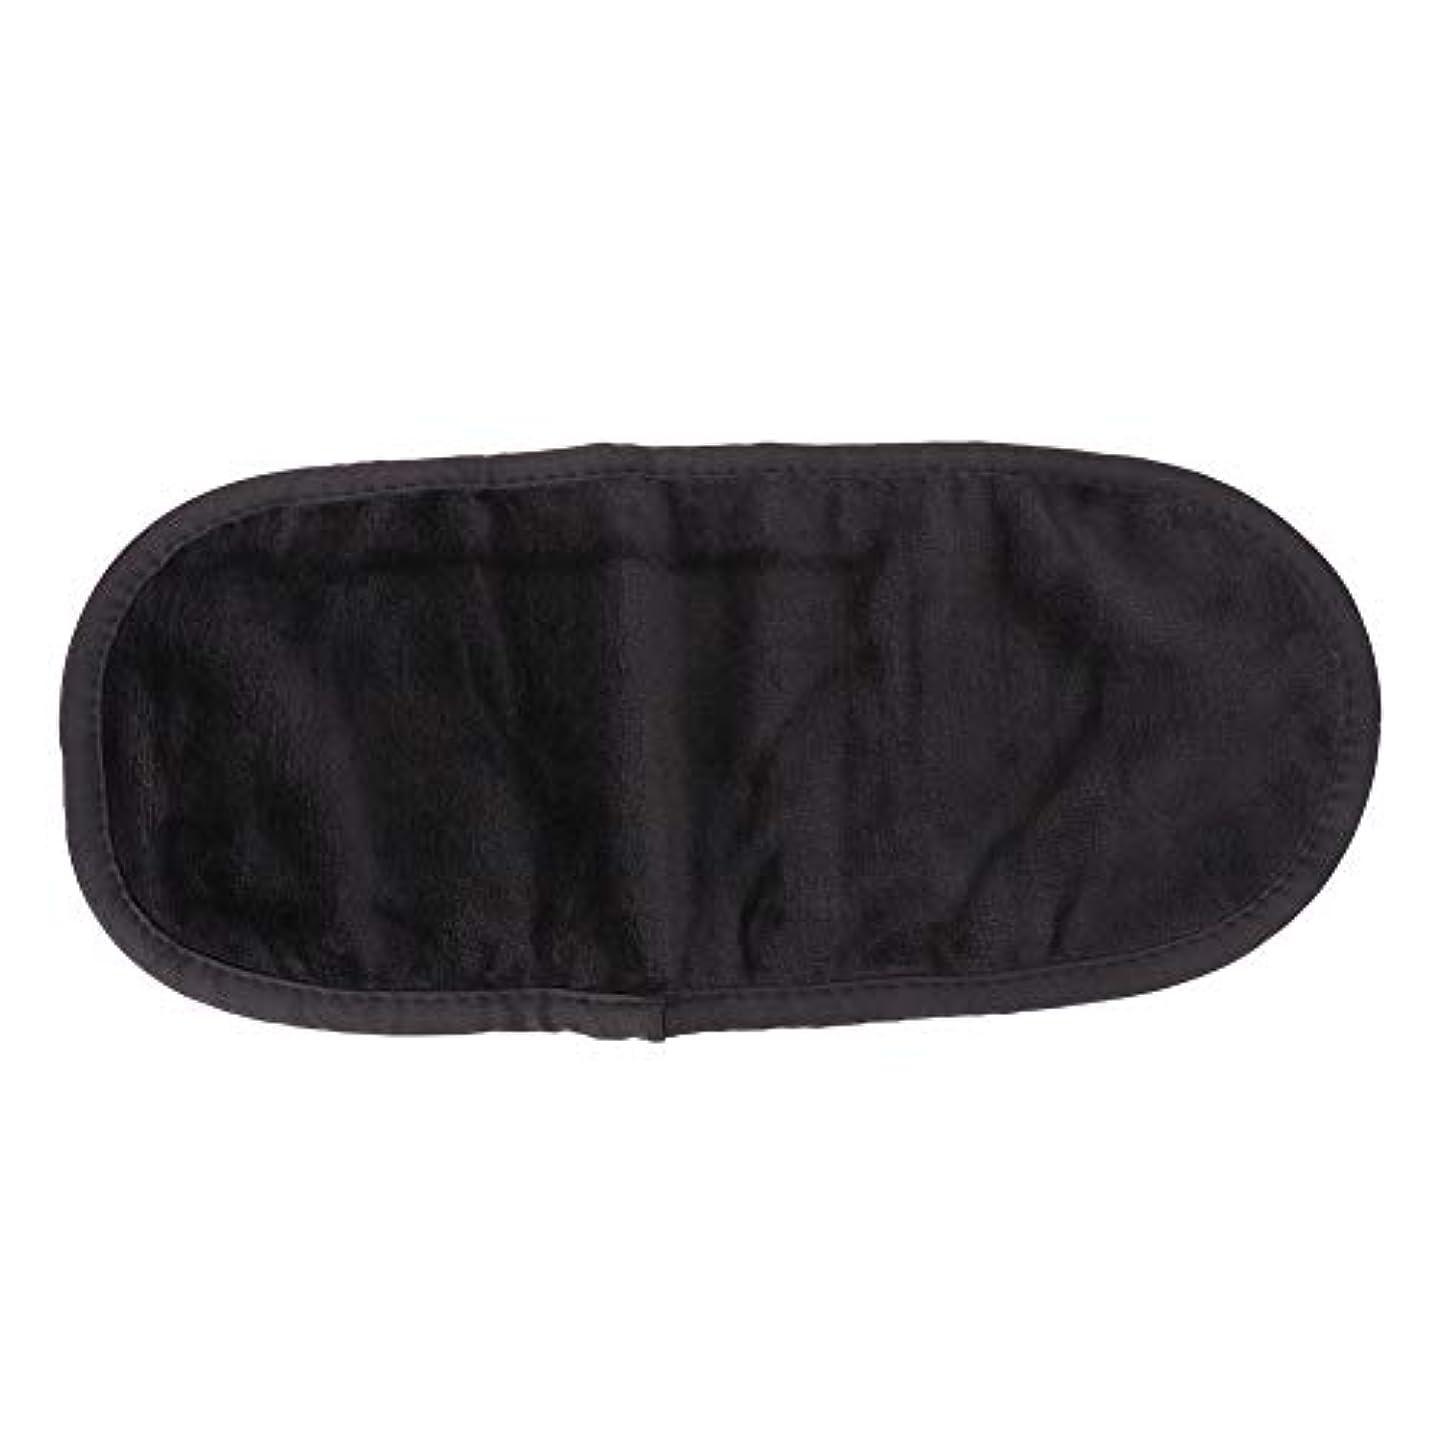 千意志気晴らし表面クリーニングタオル、超微細メイク落としスキンケア繊維ワイプ(ブラック)